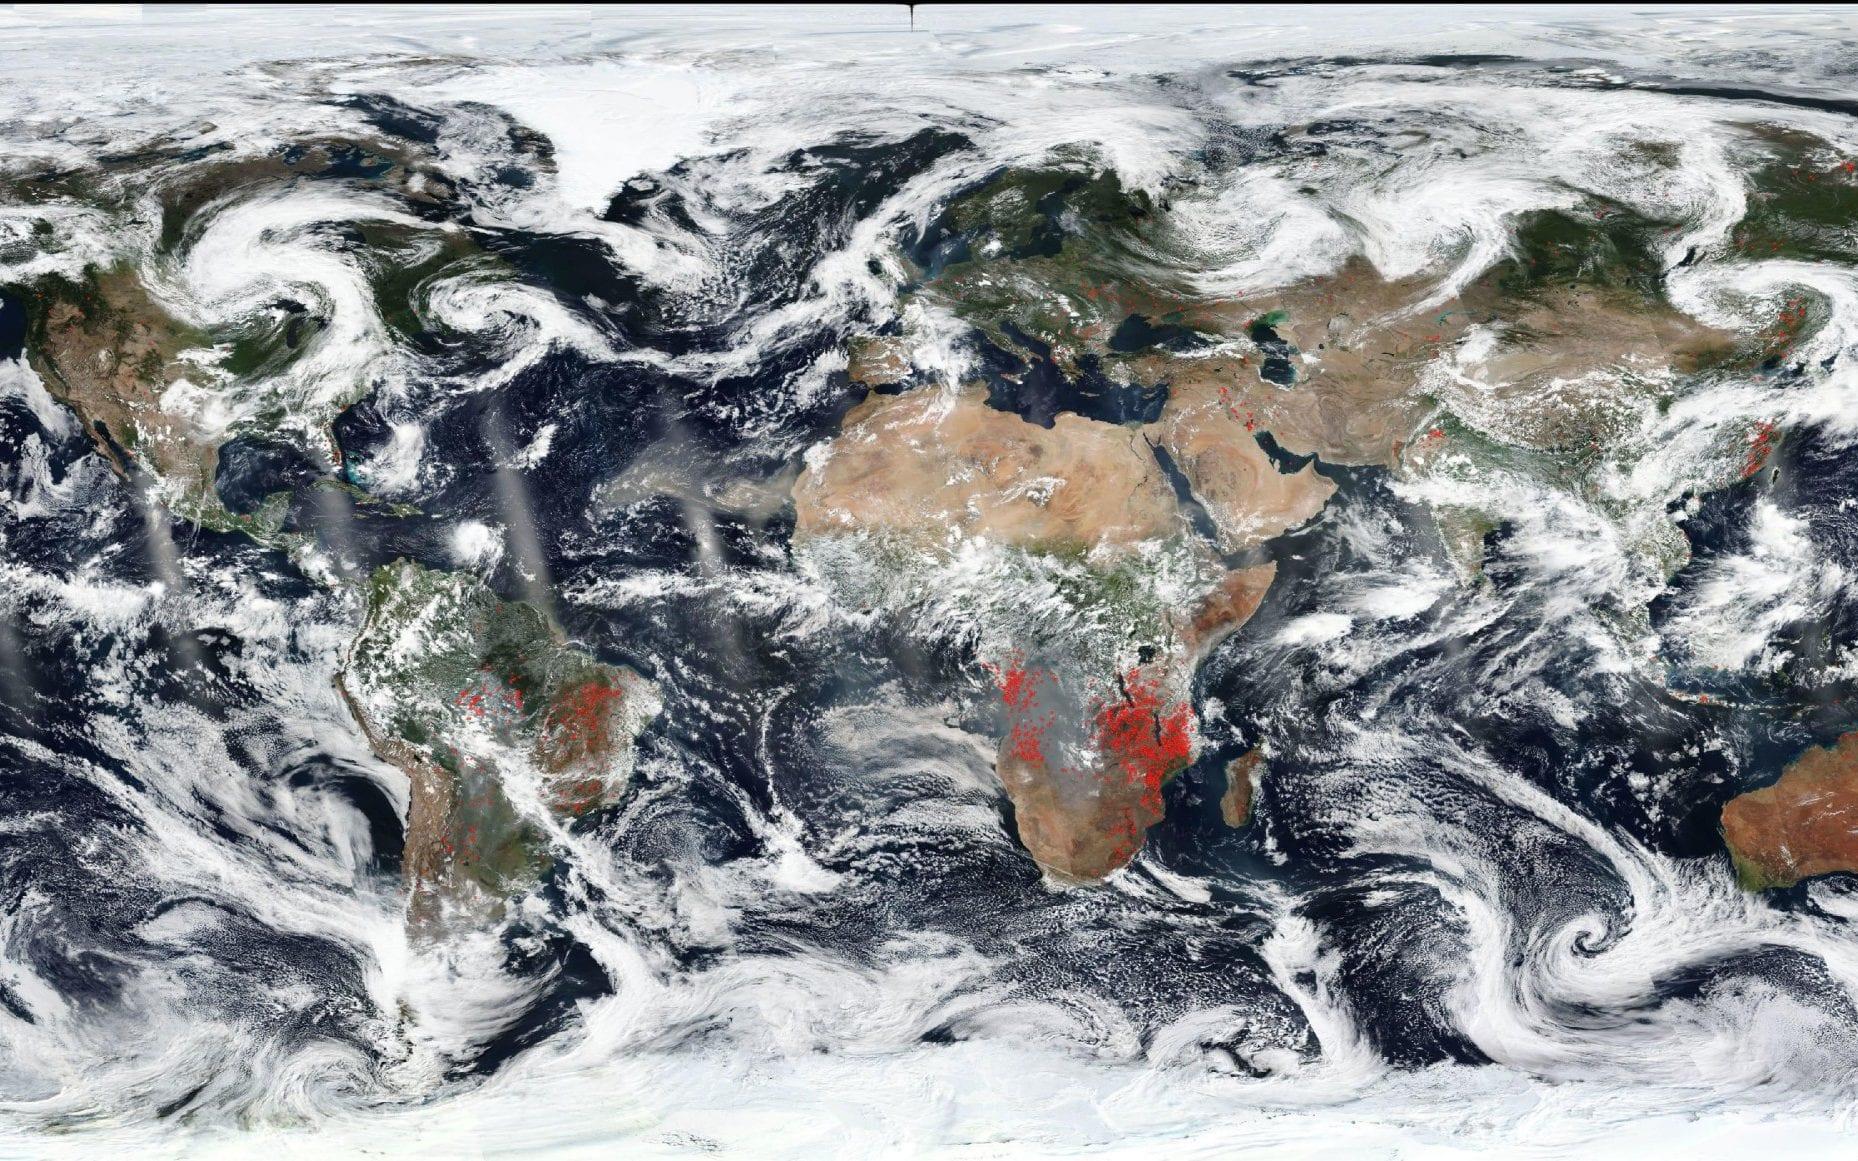 Στη δορυφορική εικόνα της Γης, που έδωσε στην κυκλοφορία το NASA Worldview, διακρίνονται κάποιες κόκκινες κουκίδες οι οποίες υποδηλώνουν τις φωτιές πάνω στην υδρόγειο στις 27 Αυγούστου του 2019. Οι πυρκαγιές που μαίνονται στο τροπικό δάσος του Αμαζονίου είναι αυτές για τις οποίες γίνεται μεγαλύτερη αναφορά τον Αύγουστο, ωστόσο η δορυφορική εικόνα δείχνει ότι οι φωτιές στην Αφρική είναι αυτές που έχουν απλωθεί περισσότερο